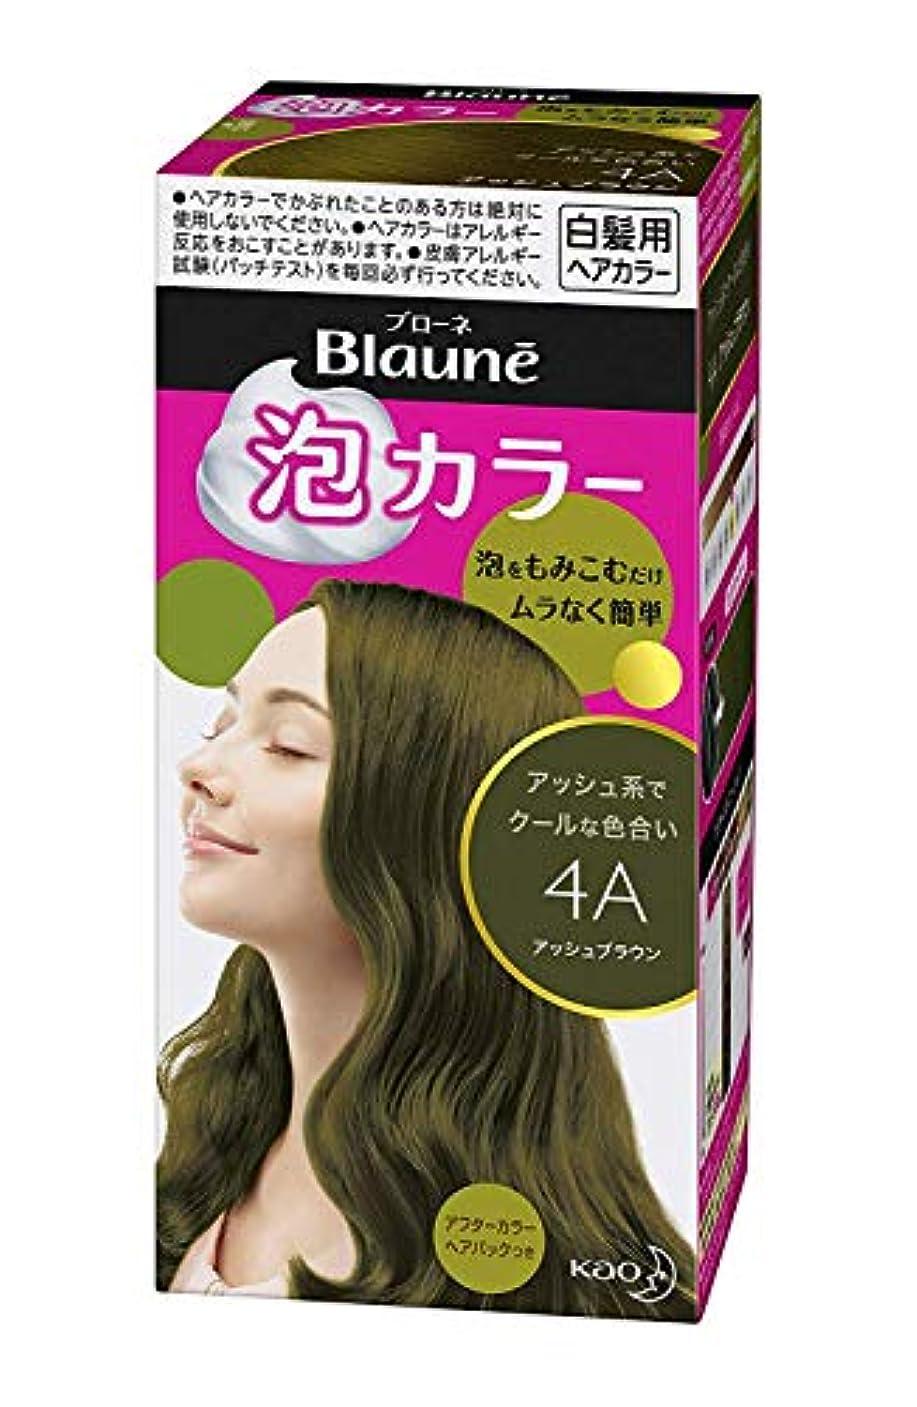 【花王】ブローネ泡カラー 4A アッシュブラウン 108ml ×5個セット